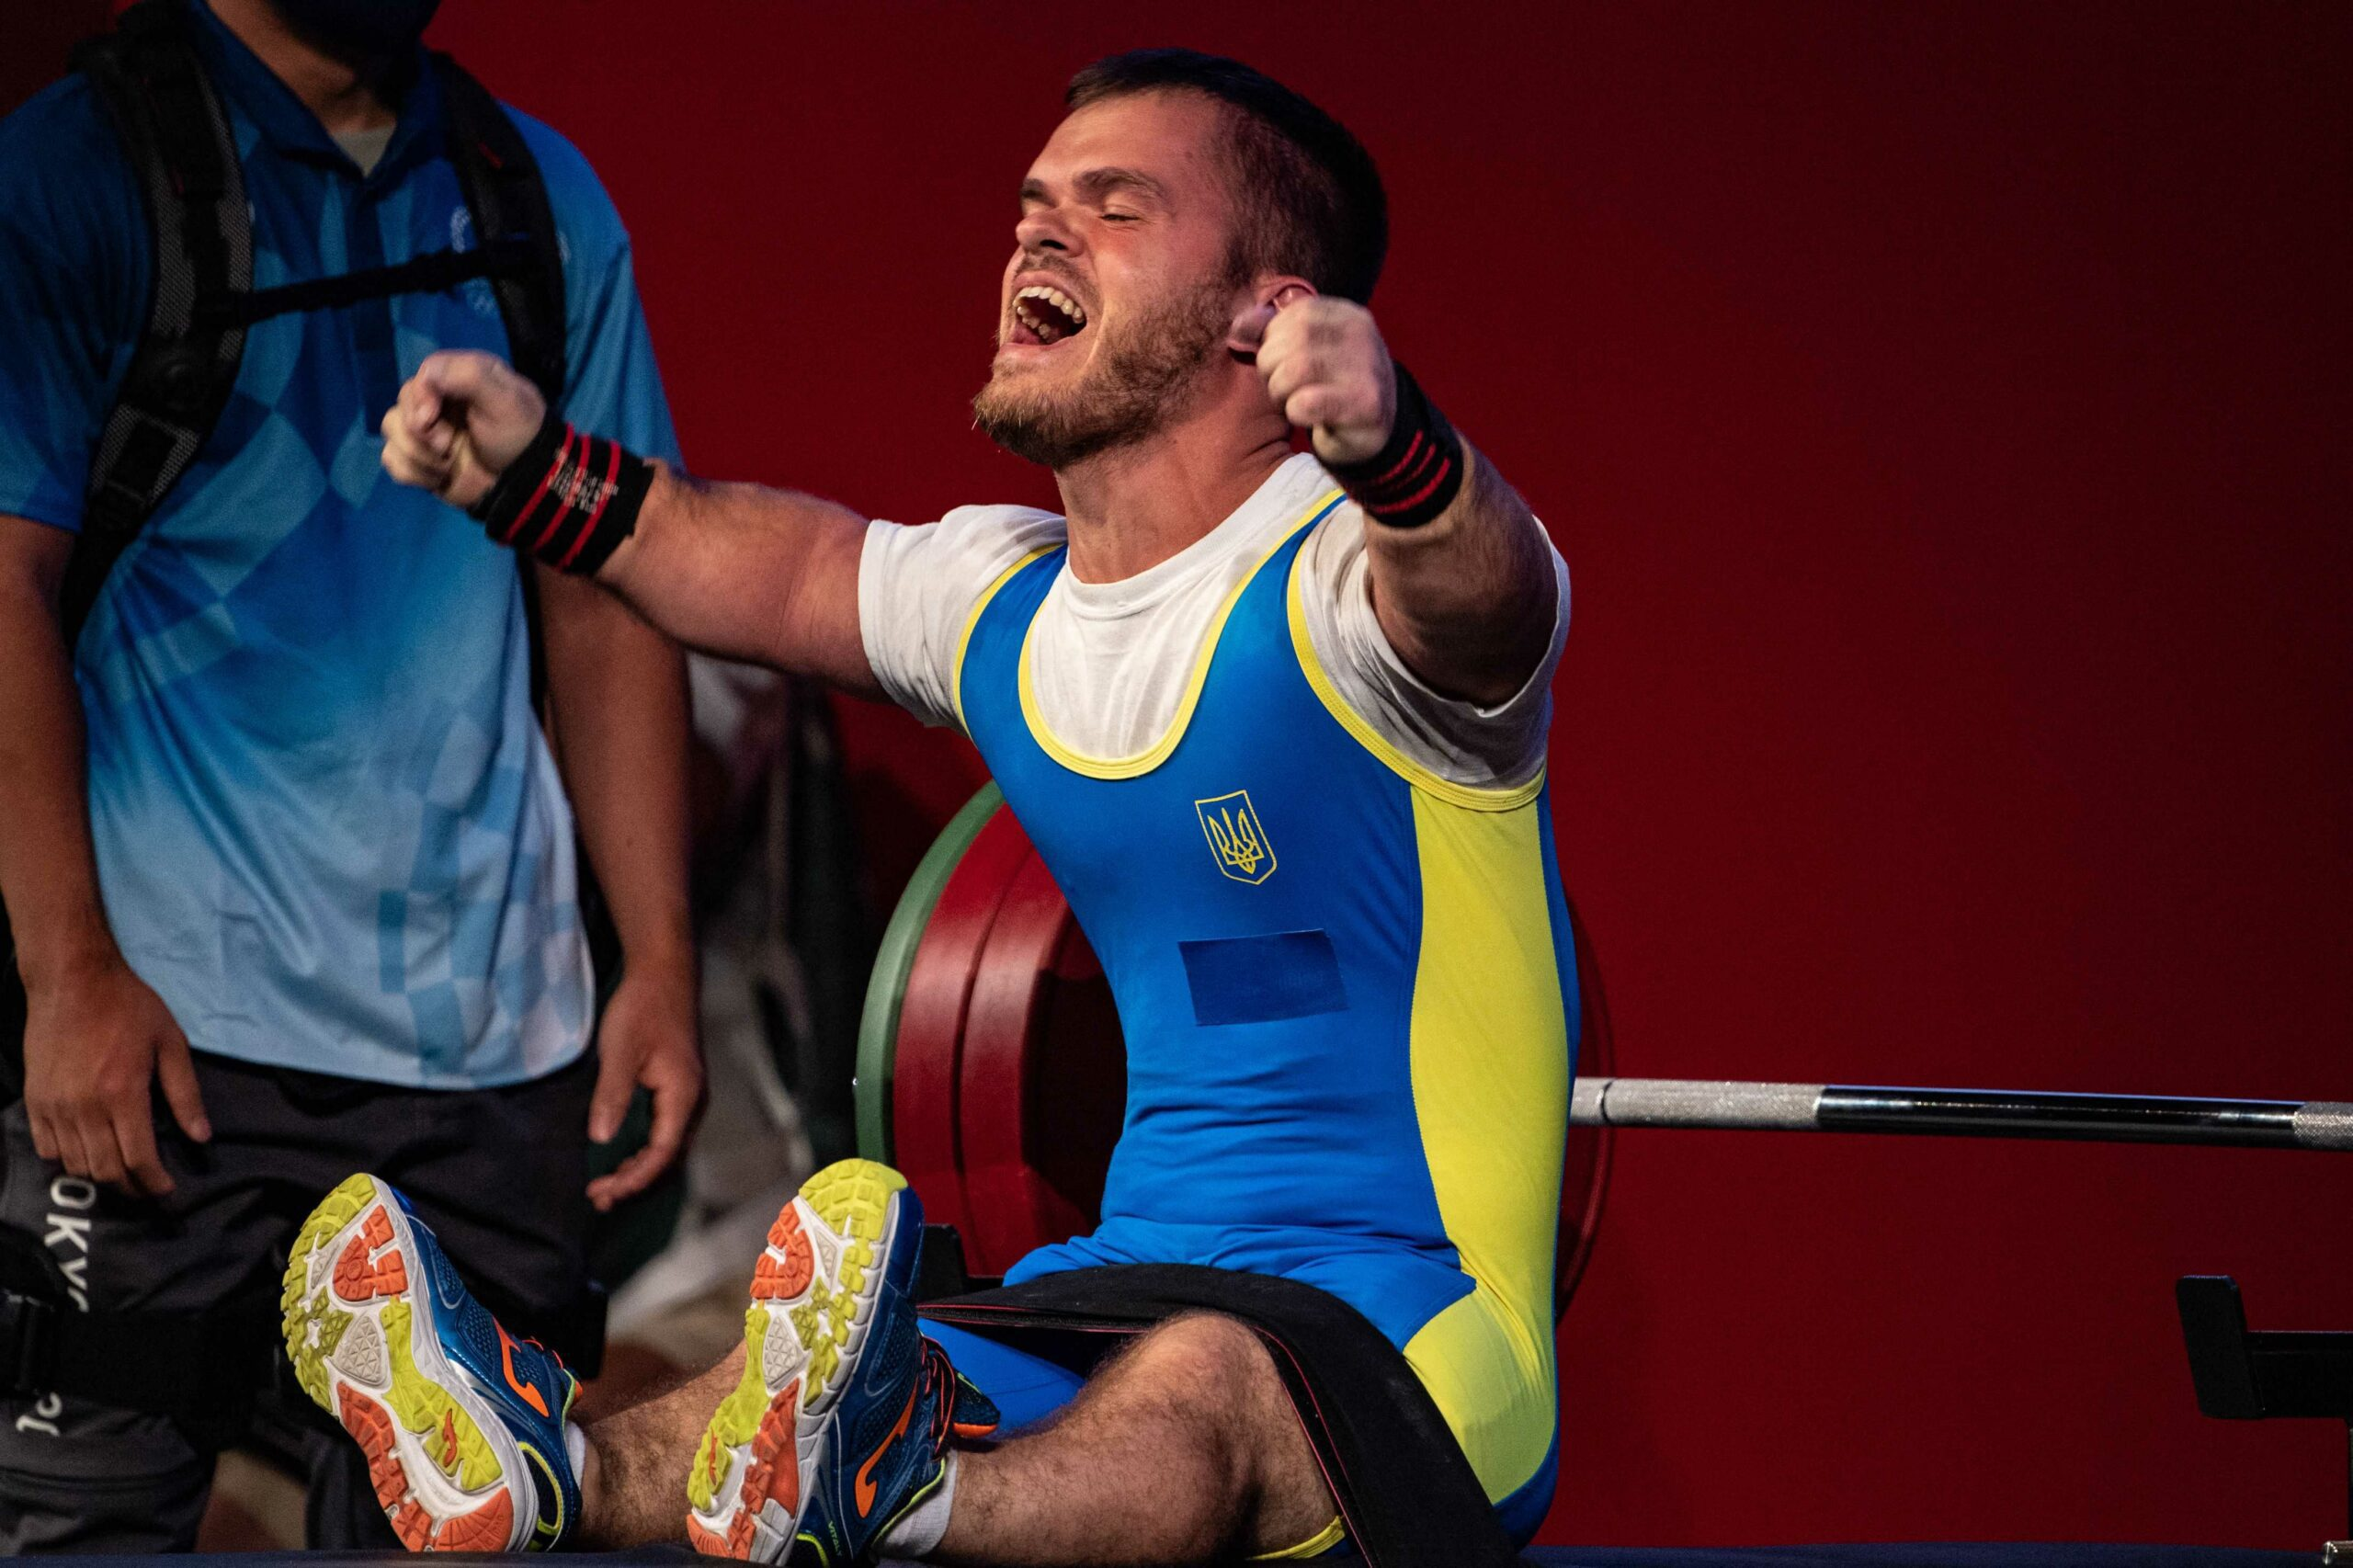 gettyimages 1234874948 scaled - <b>Необмежені можливості.</b> Як українським паралімпійцям удається перемагати в спорті та житті - Заборона